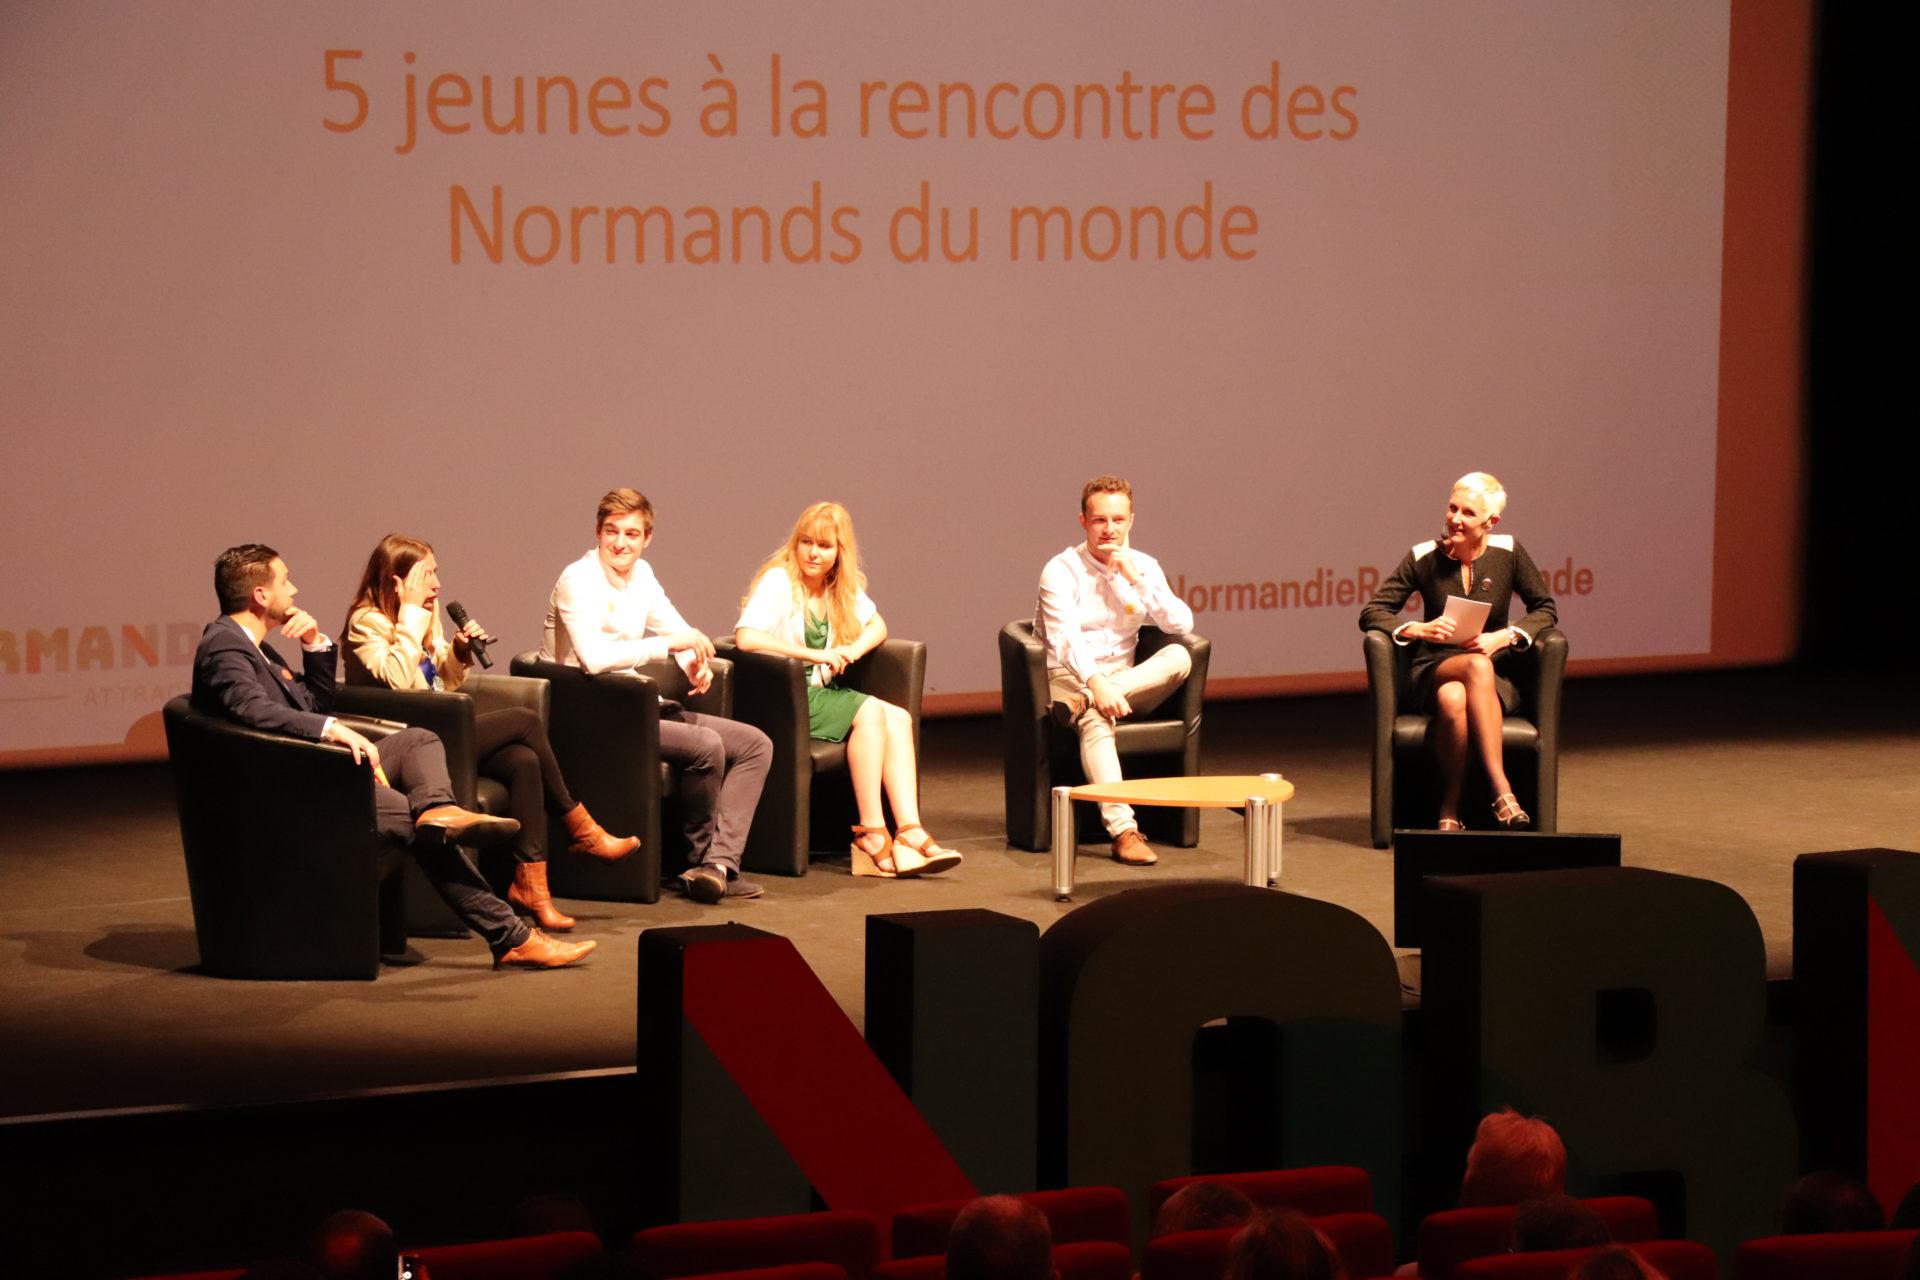 Soirée #NormandieRegionMonde